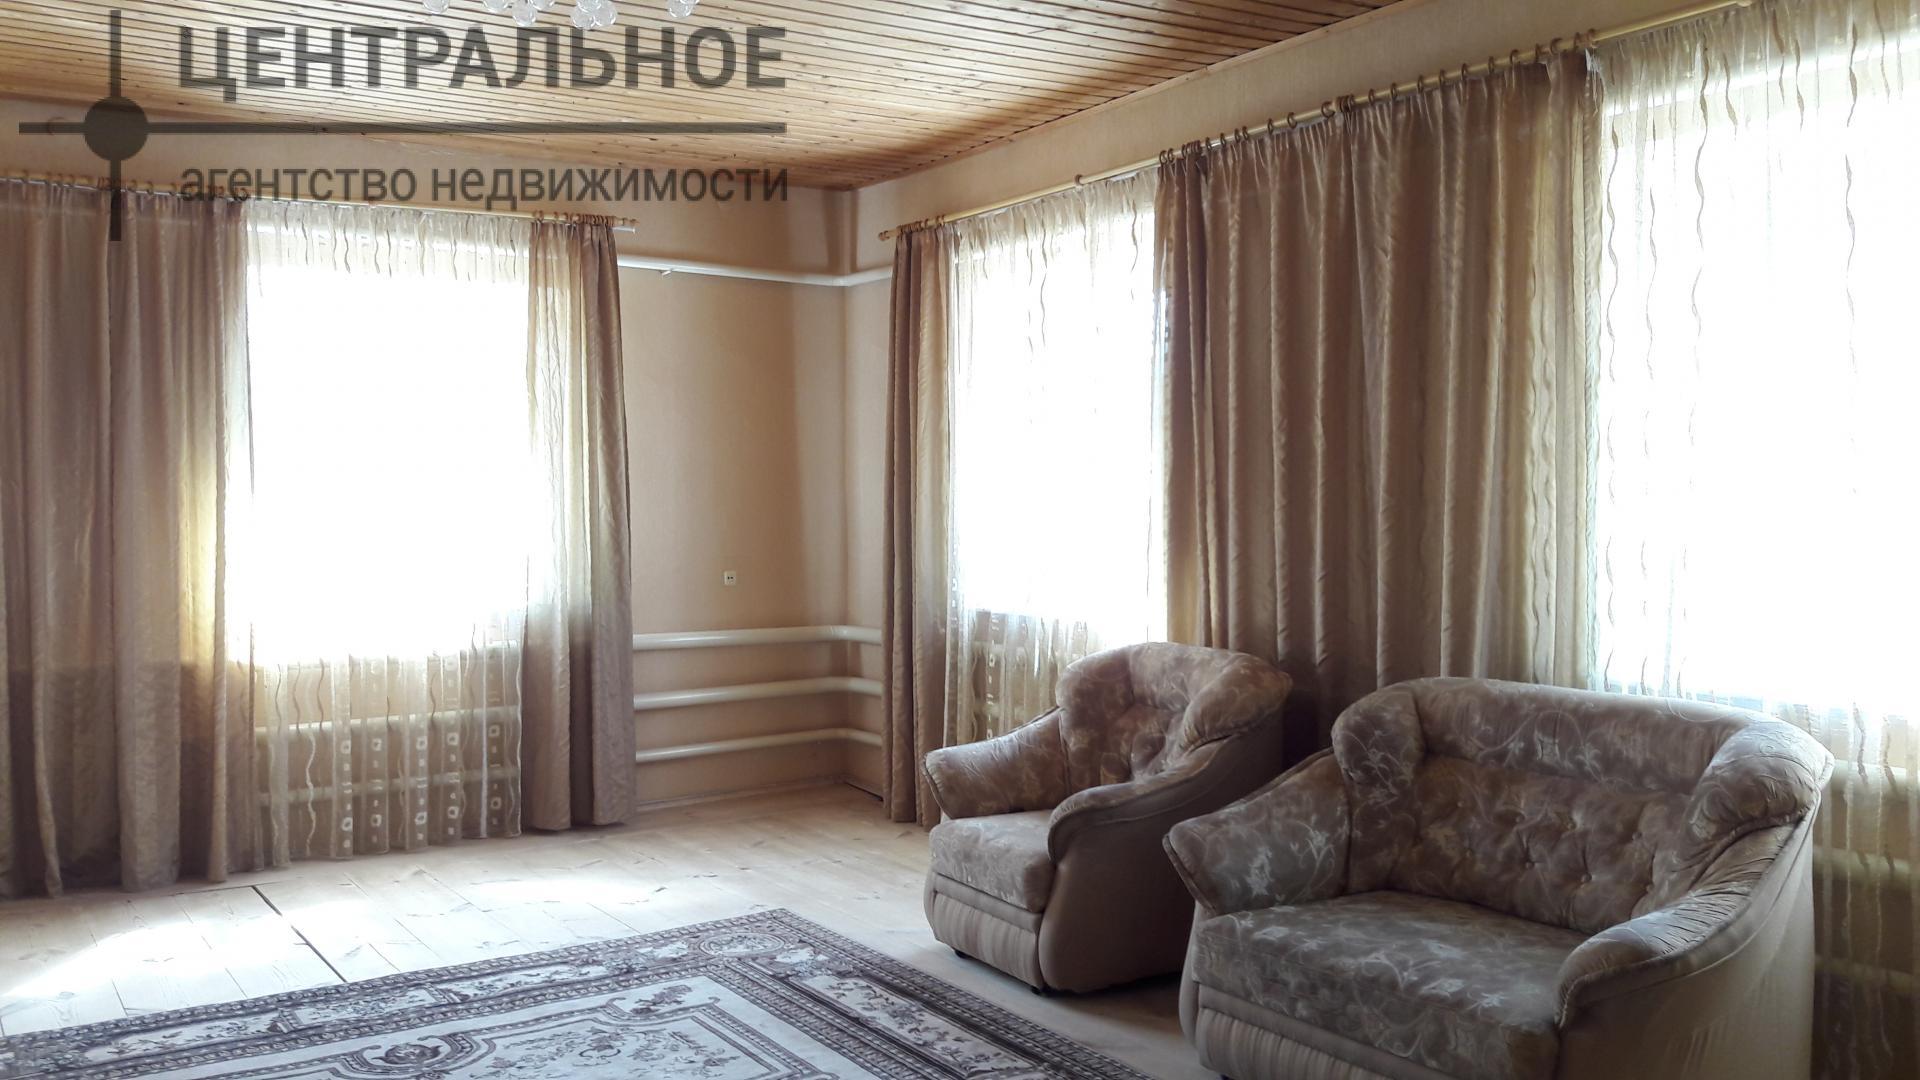 Продается дом 250 кв.м., участок 20 сот.